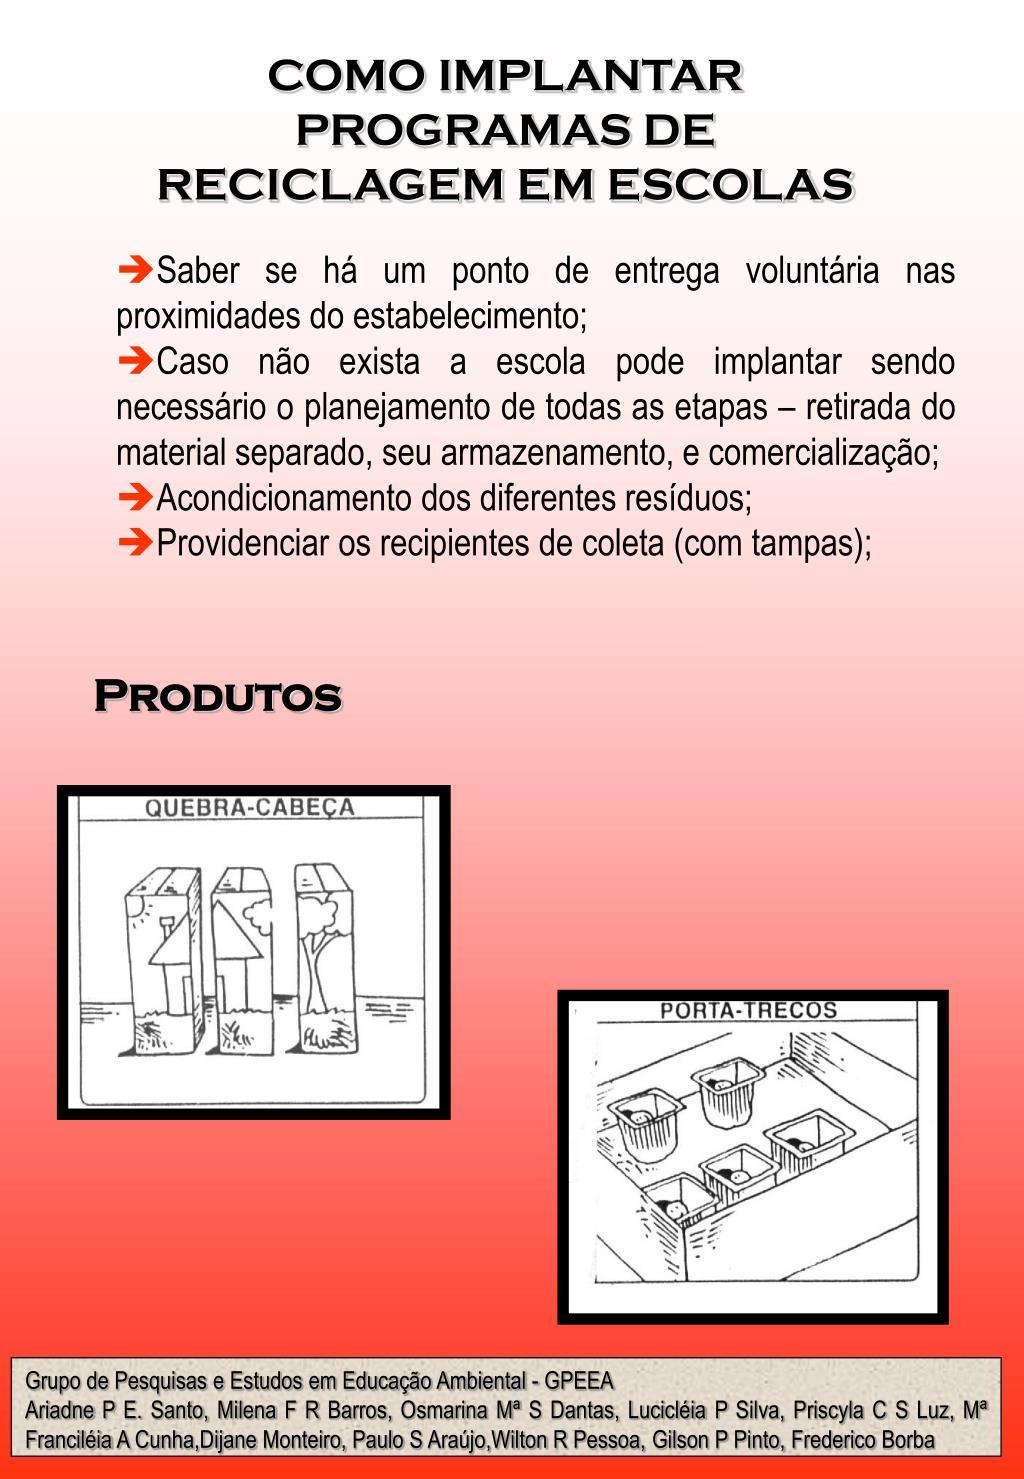 COMO IMPLANTAR PROGRAMAS DE RECICLAGEM EM ESCOLAS